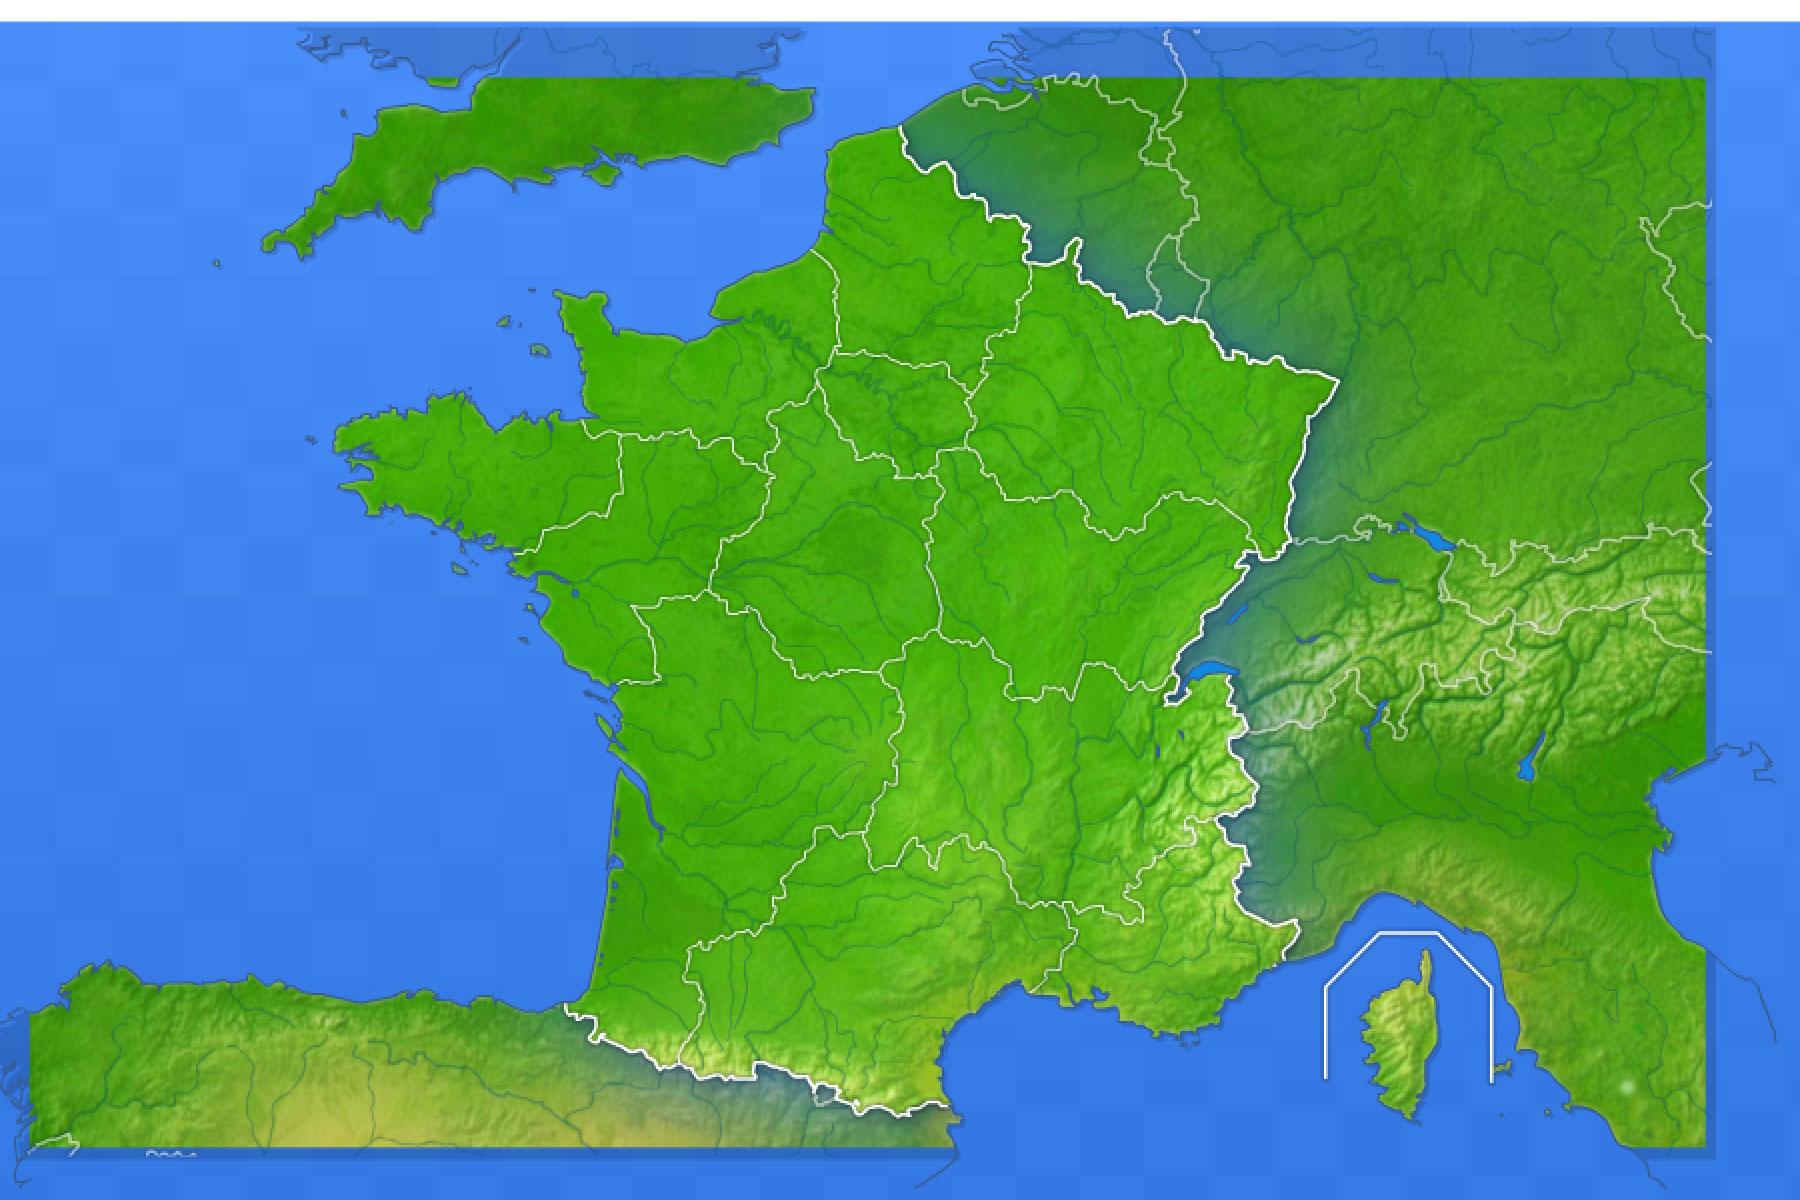 Jeux-Geographiques Jeux Gratuits Jeu Villes De France Junior encequiconcerne Jeux De Carte Geographique Du Monde